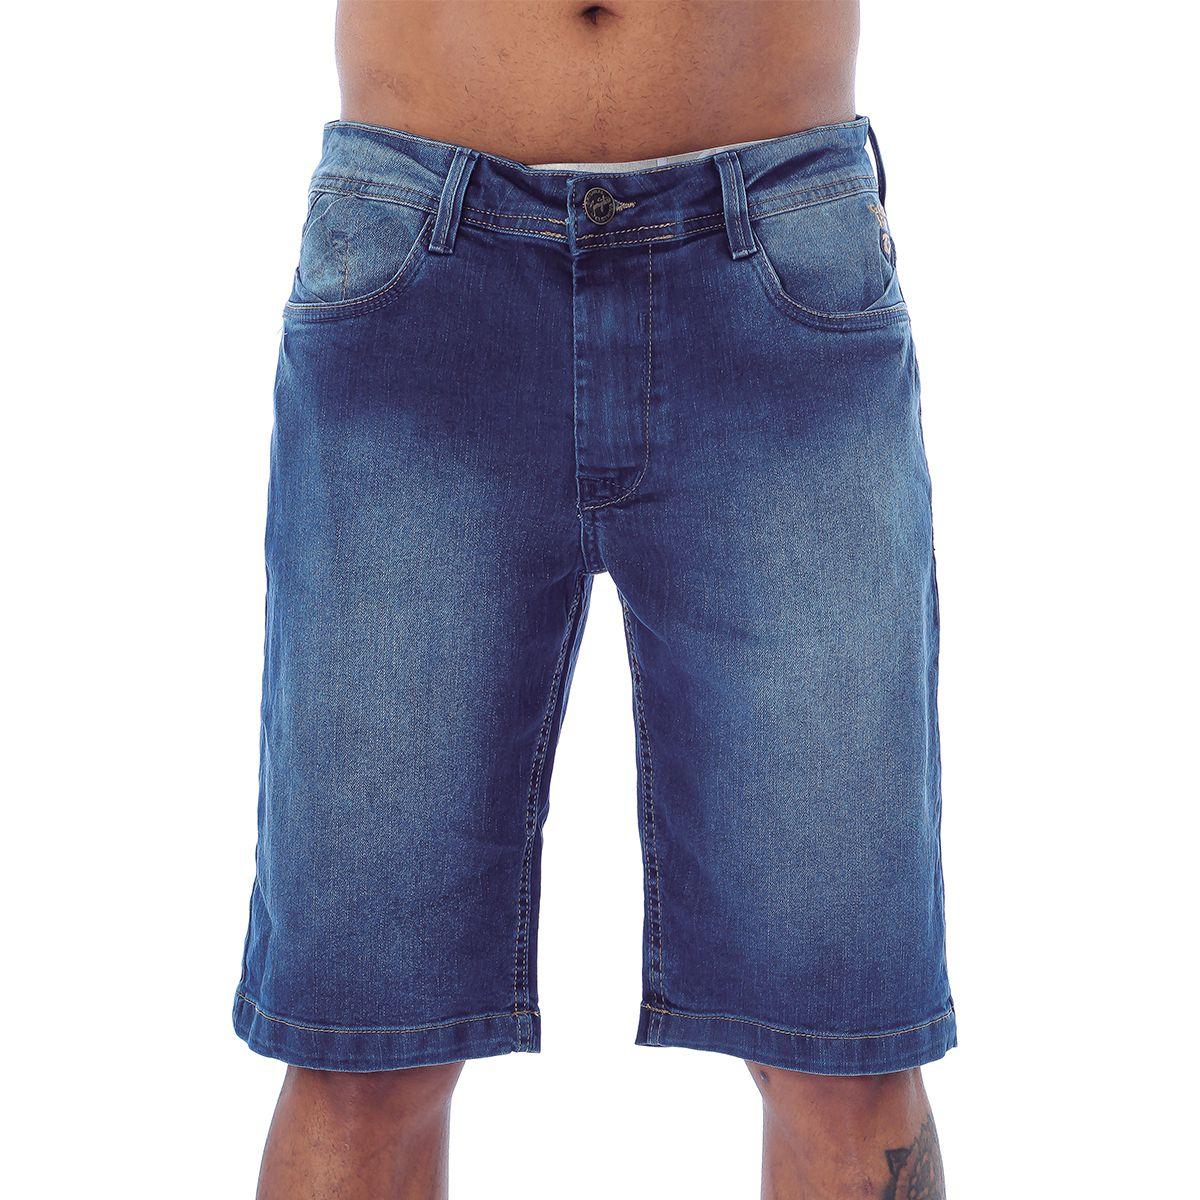 Bermuda Masculina Jeans Gangster 17.31.0327